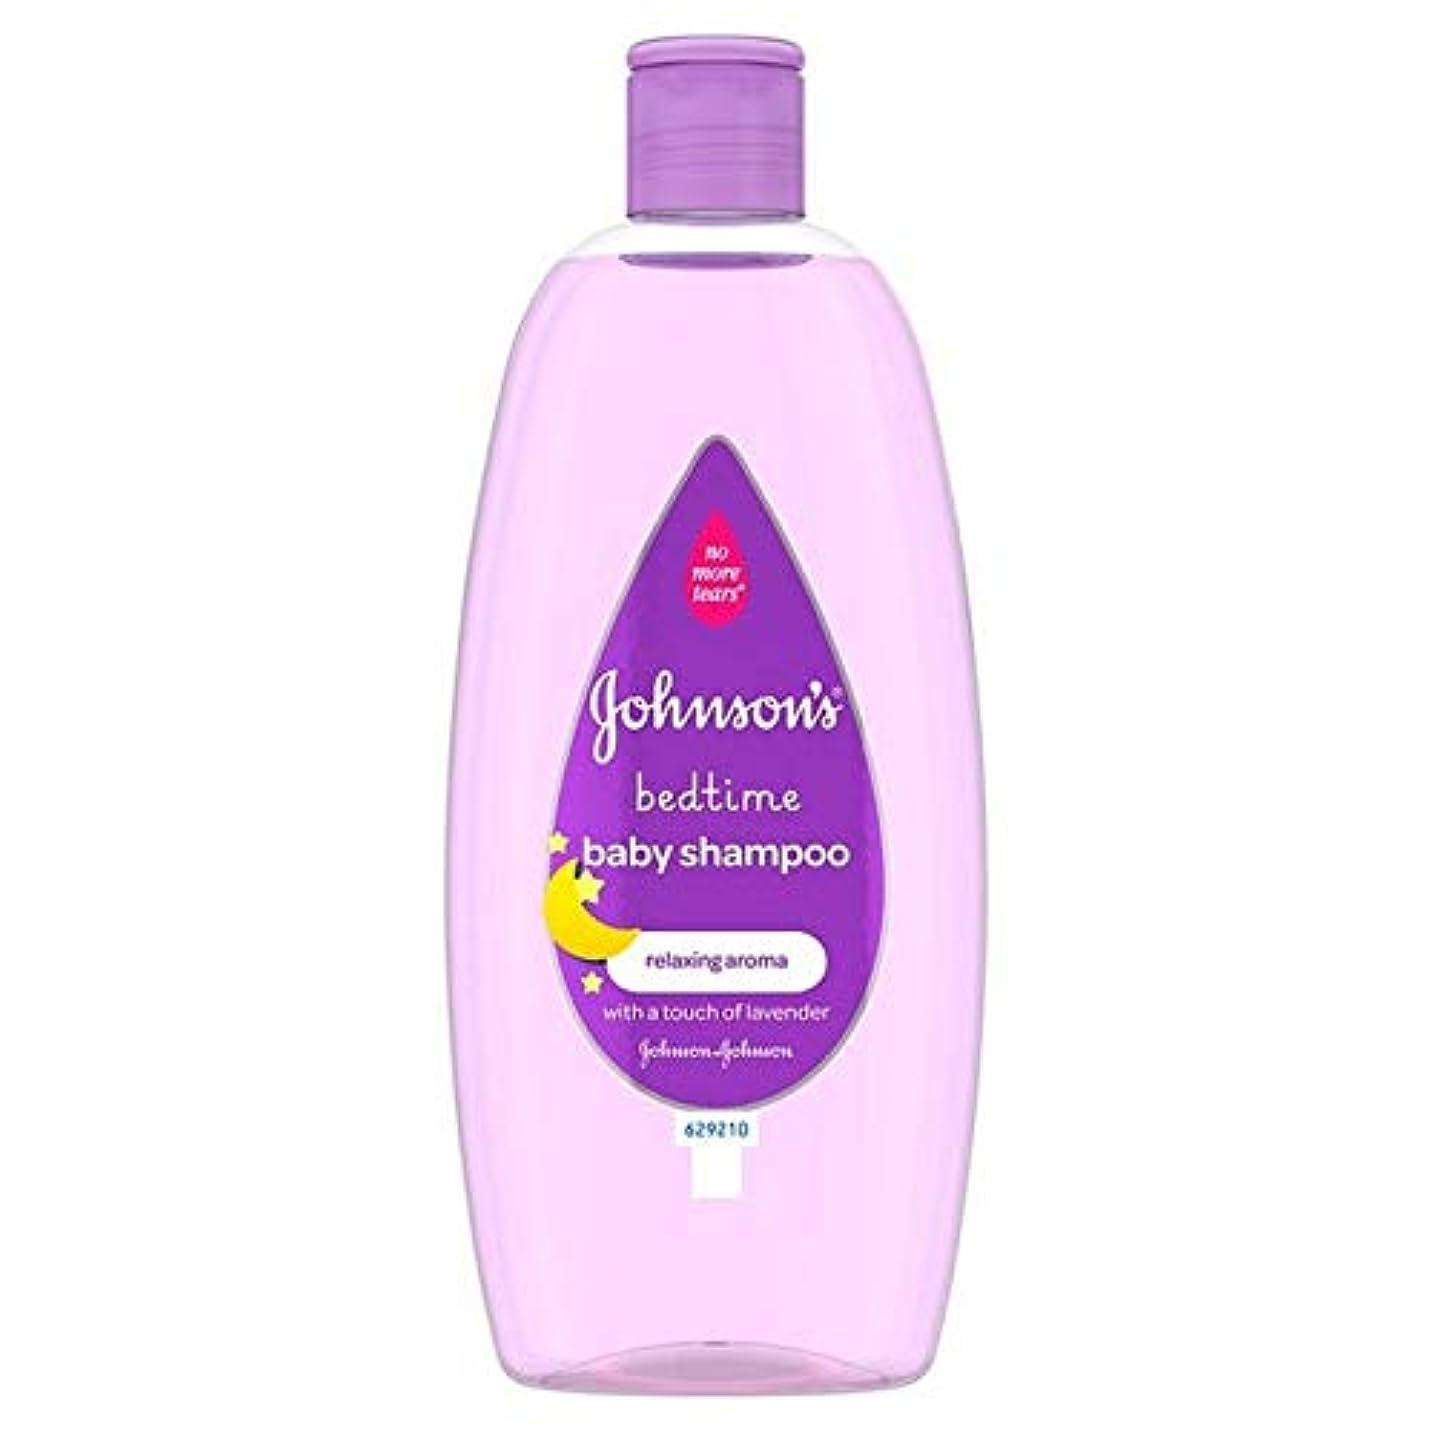 マザーランドピカソ肥沃な[Johnson's ] ジョンソンのベビー就寝時のシャンプー500ミリリットル - Johnson's Baby Bedtime Shampoo 500ml [並行輸入品]